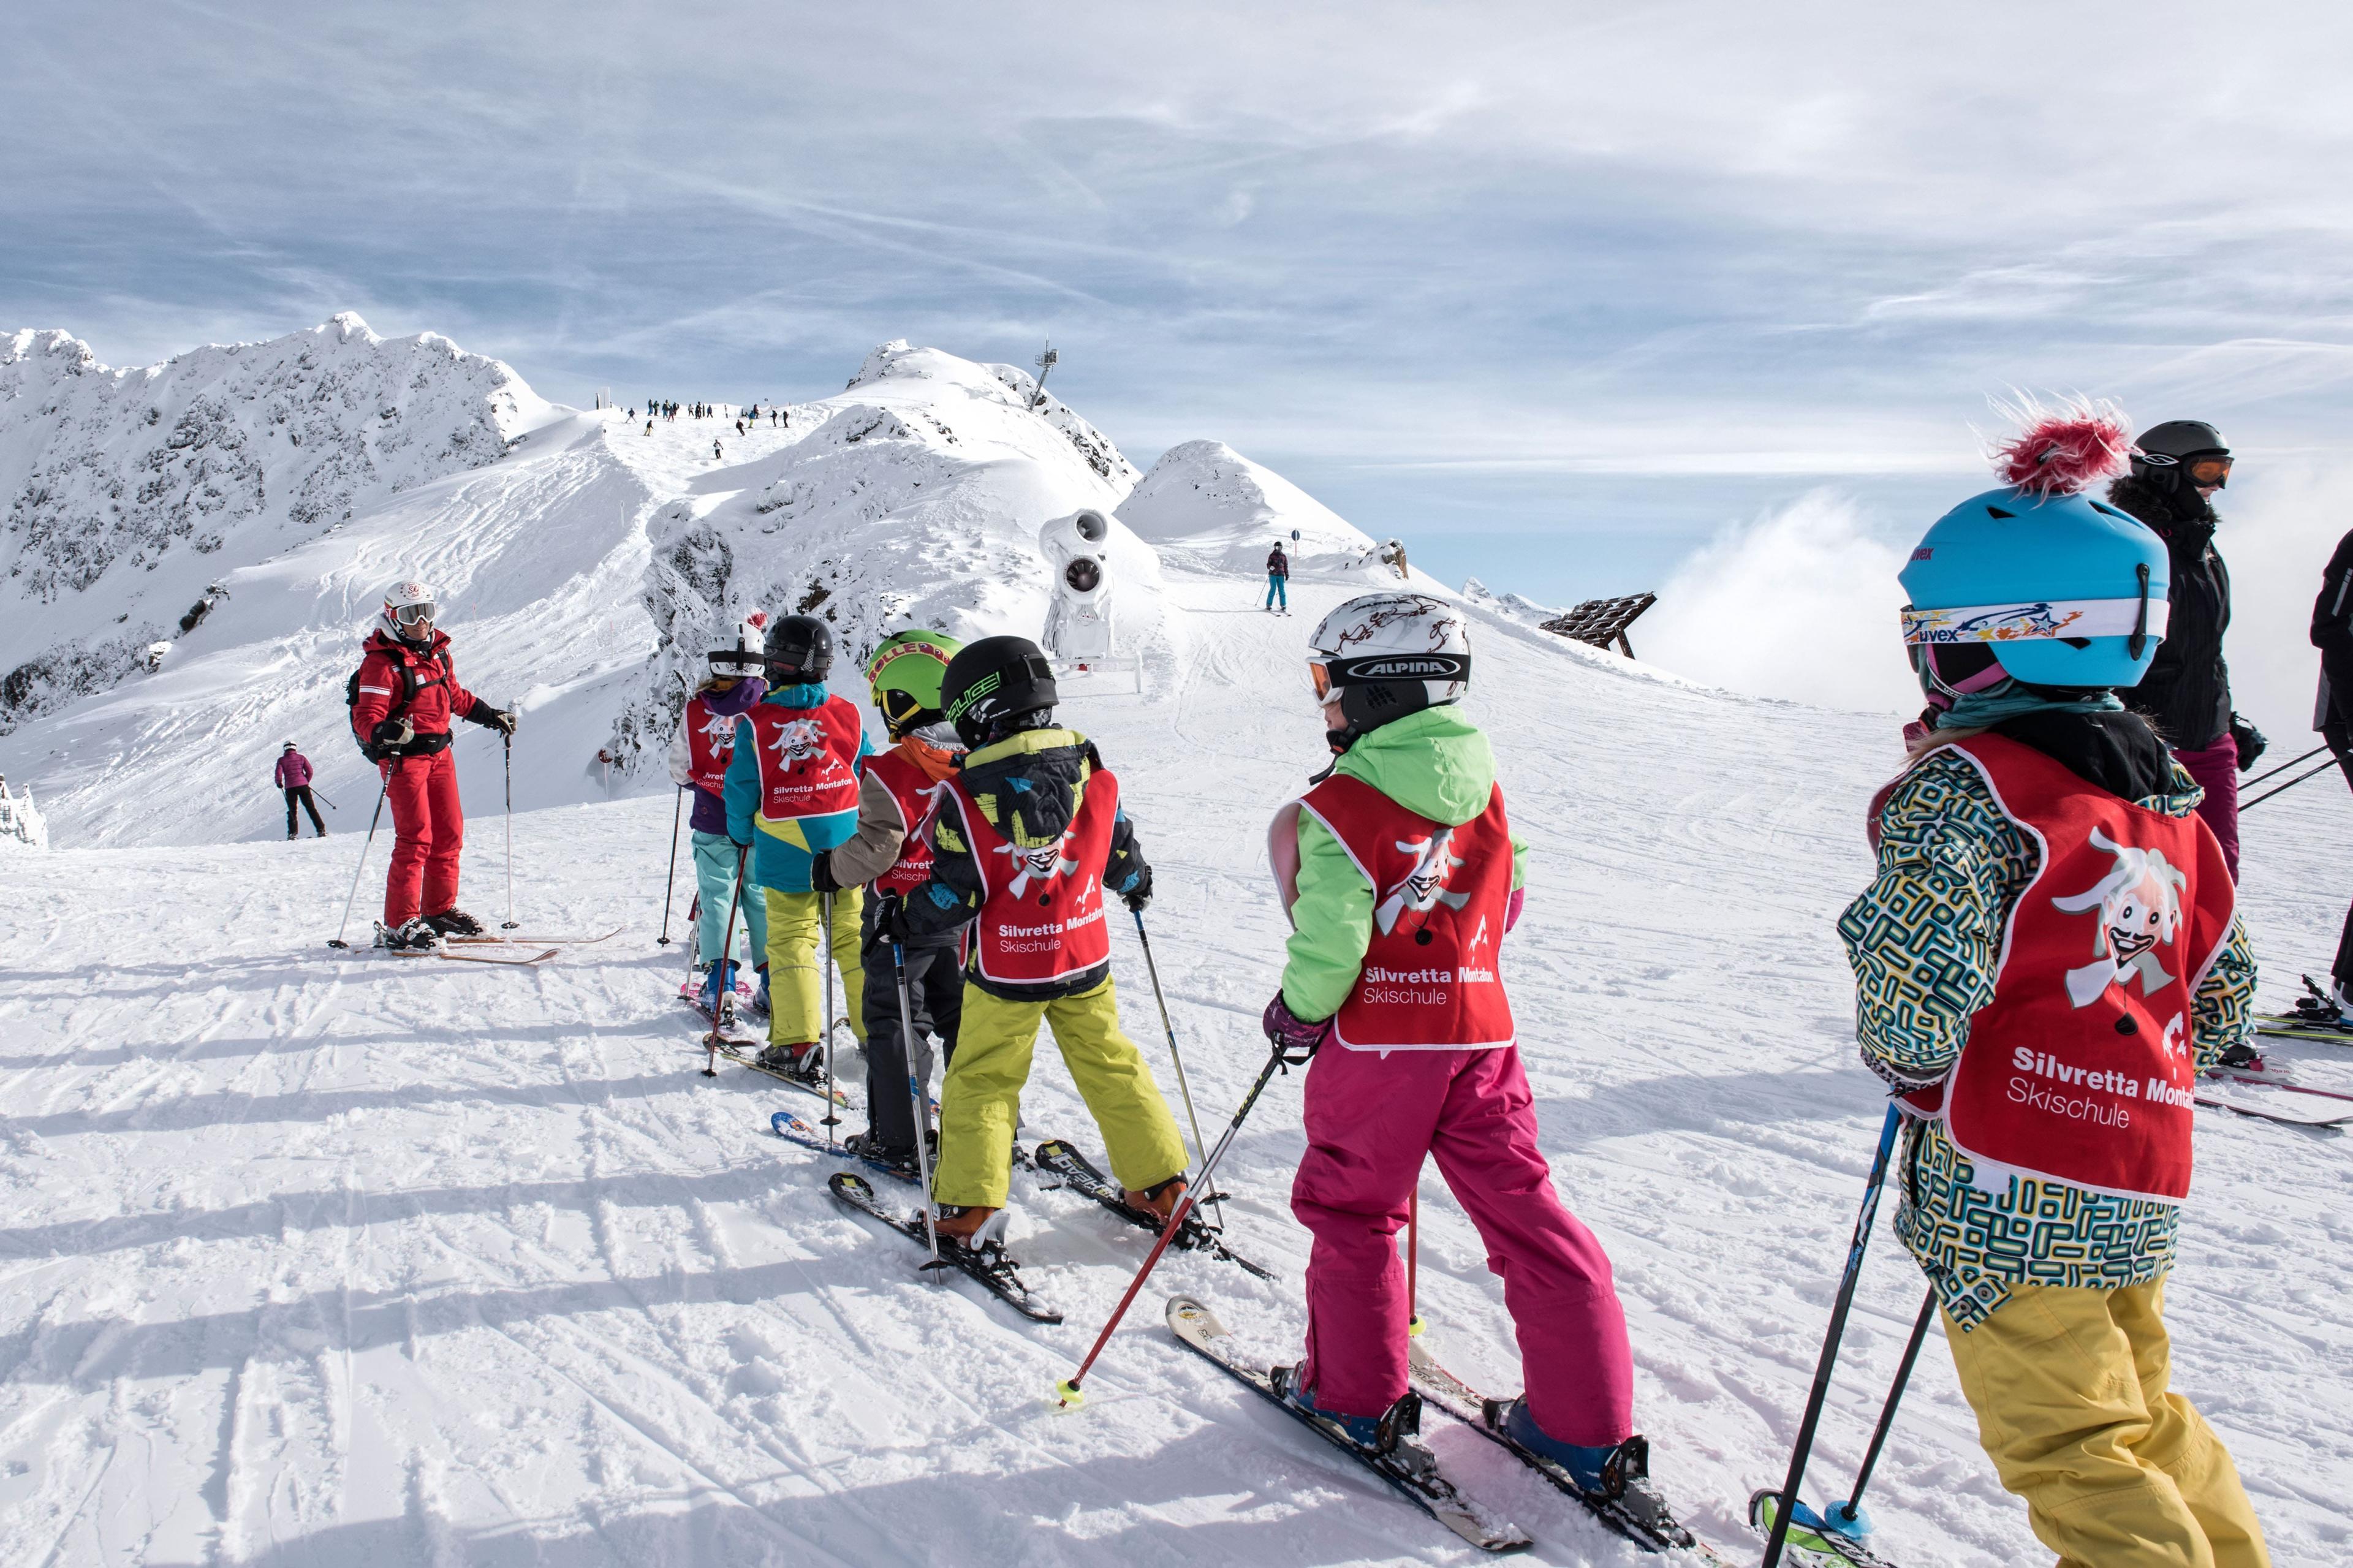 Clases de esquí para niños a partir de 5 años para principiantes